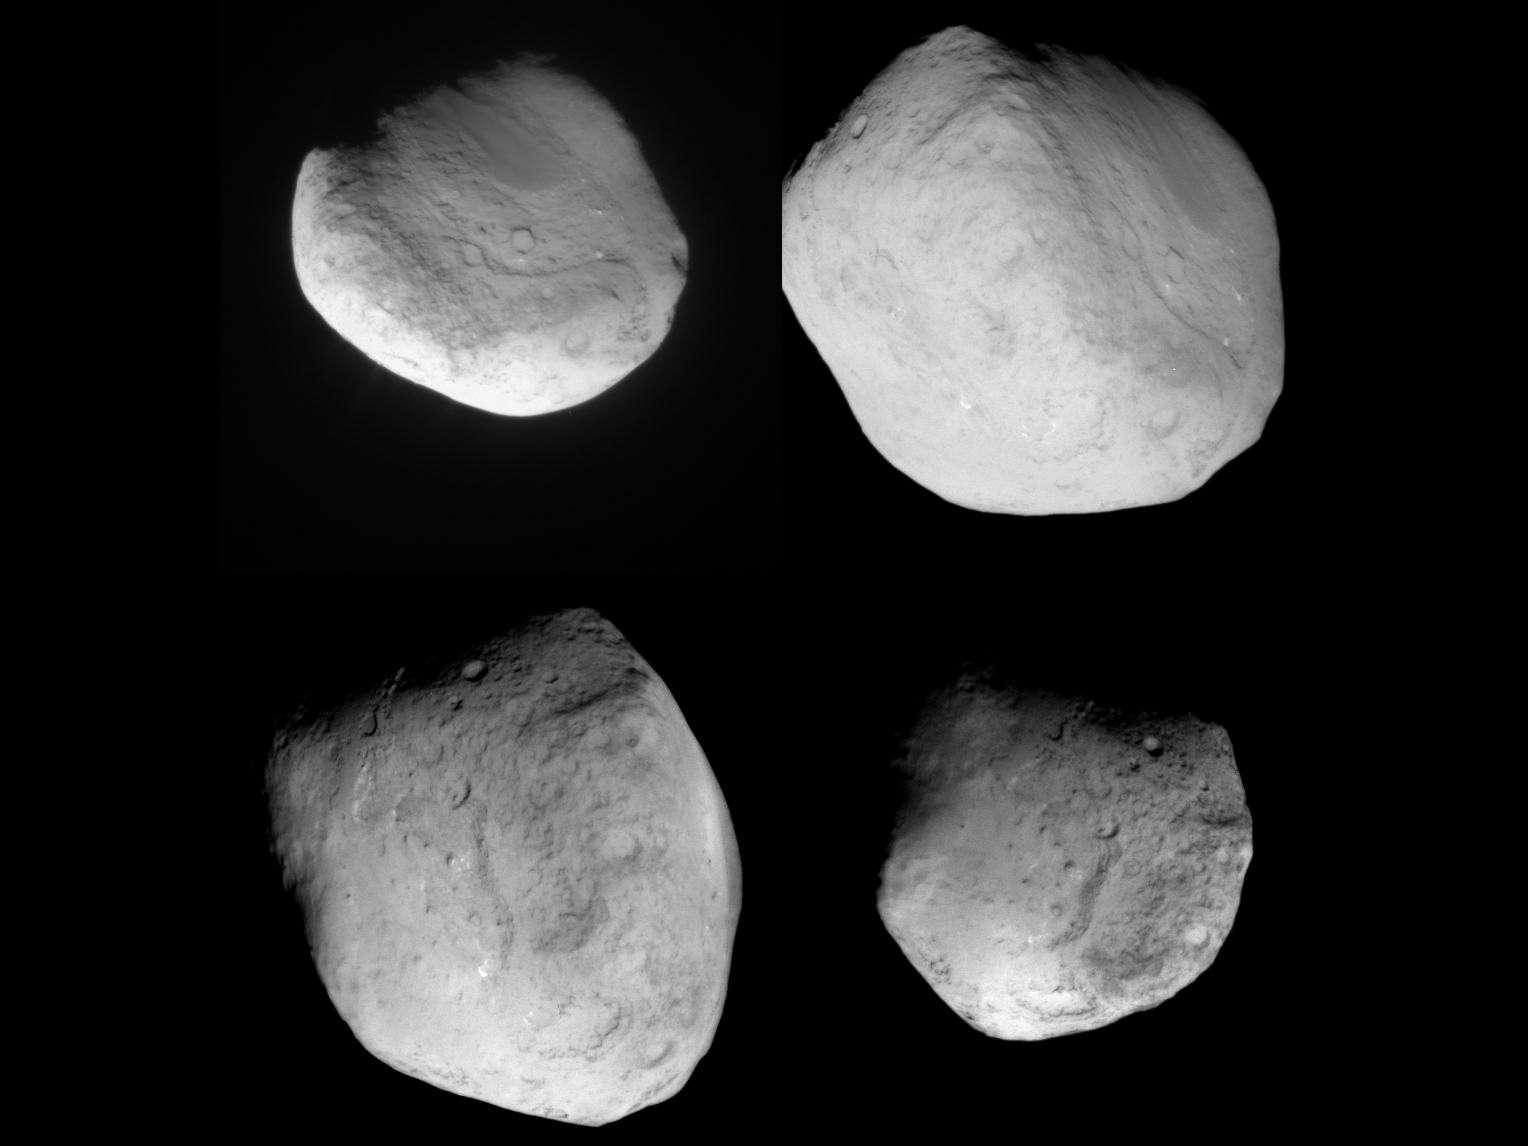 La sonde Stardust Next a survolé la comète Tempel 1, s'en approchant à seulement 178 kilomètres. Soixante-douze clichés ont été pris, ce qui va notamment permettre de mieux comprendre l'activité cométaire, en particulier en étudiant les changements de la surface de la comète depuis le survol de la sonde Deep Impact en 2005. © Nasa/JPL-Caltech/Cornell